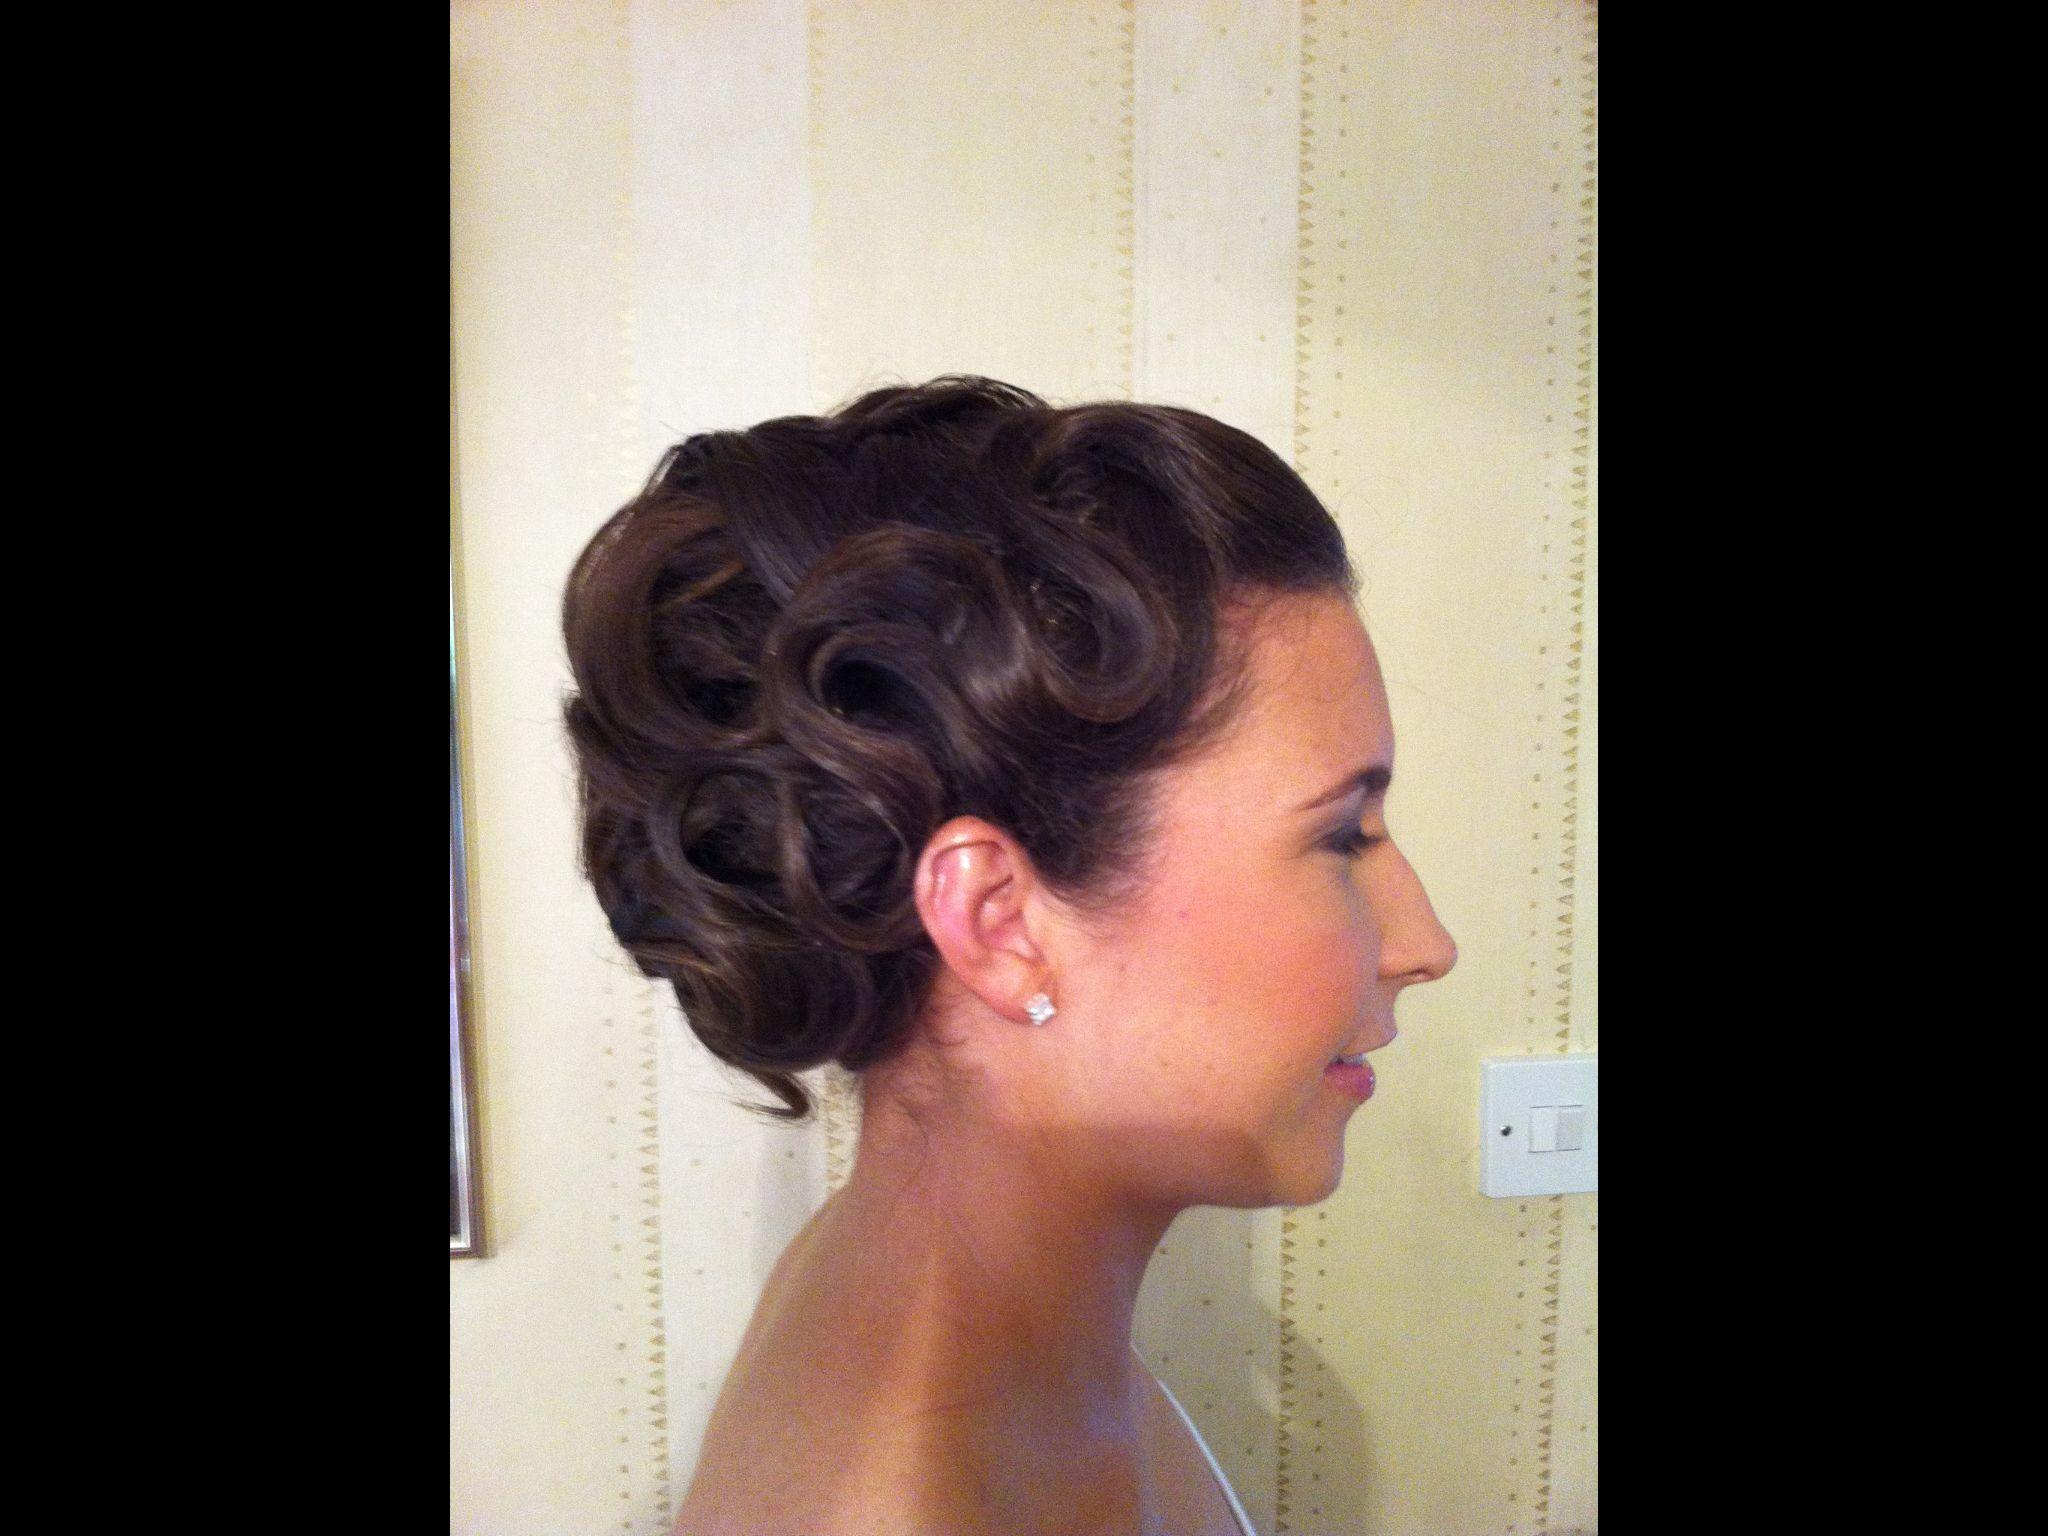 bride bridal wedding hair upstle updo vintage finger waves